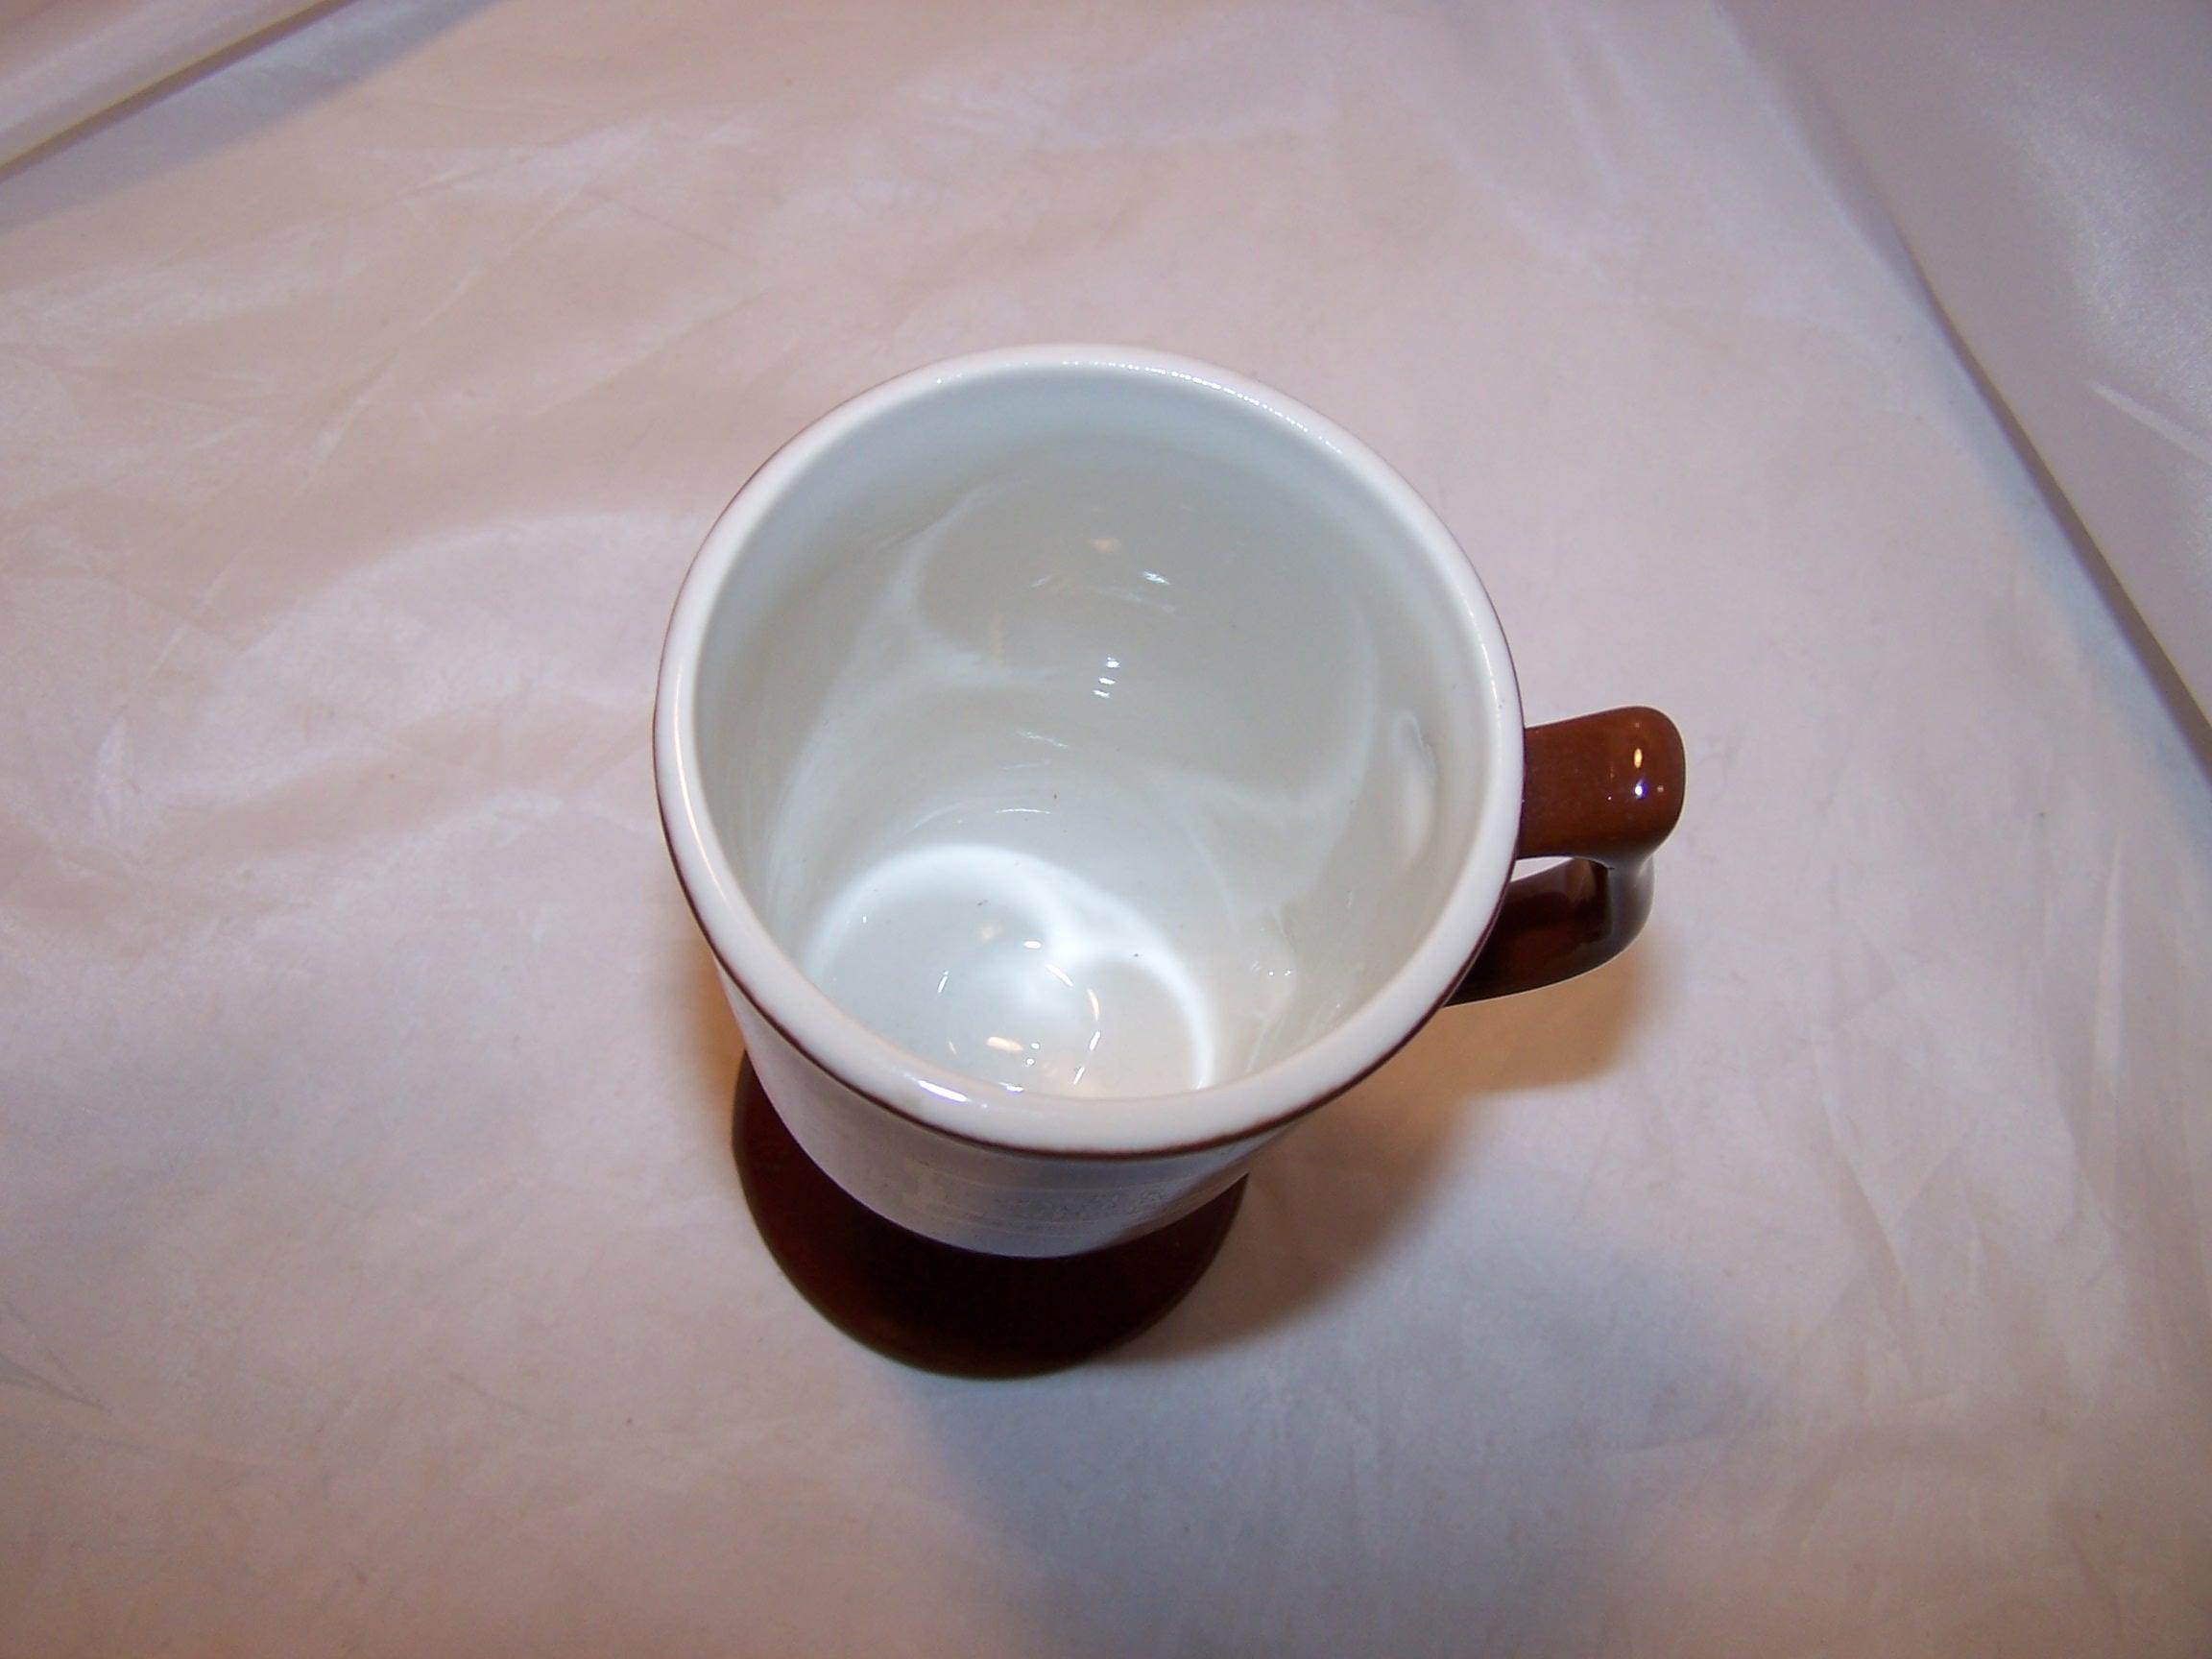 Image 4 of Carl Stokes Mug, Cleveland, The Pewter Mug